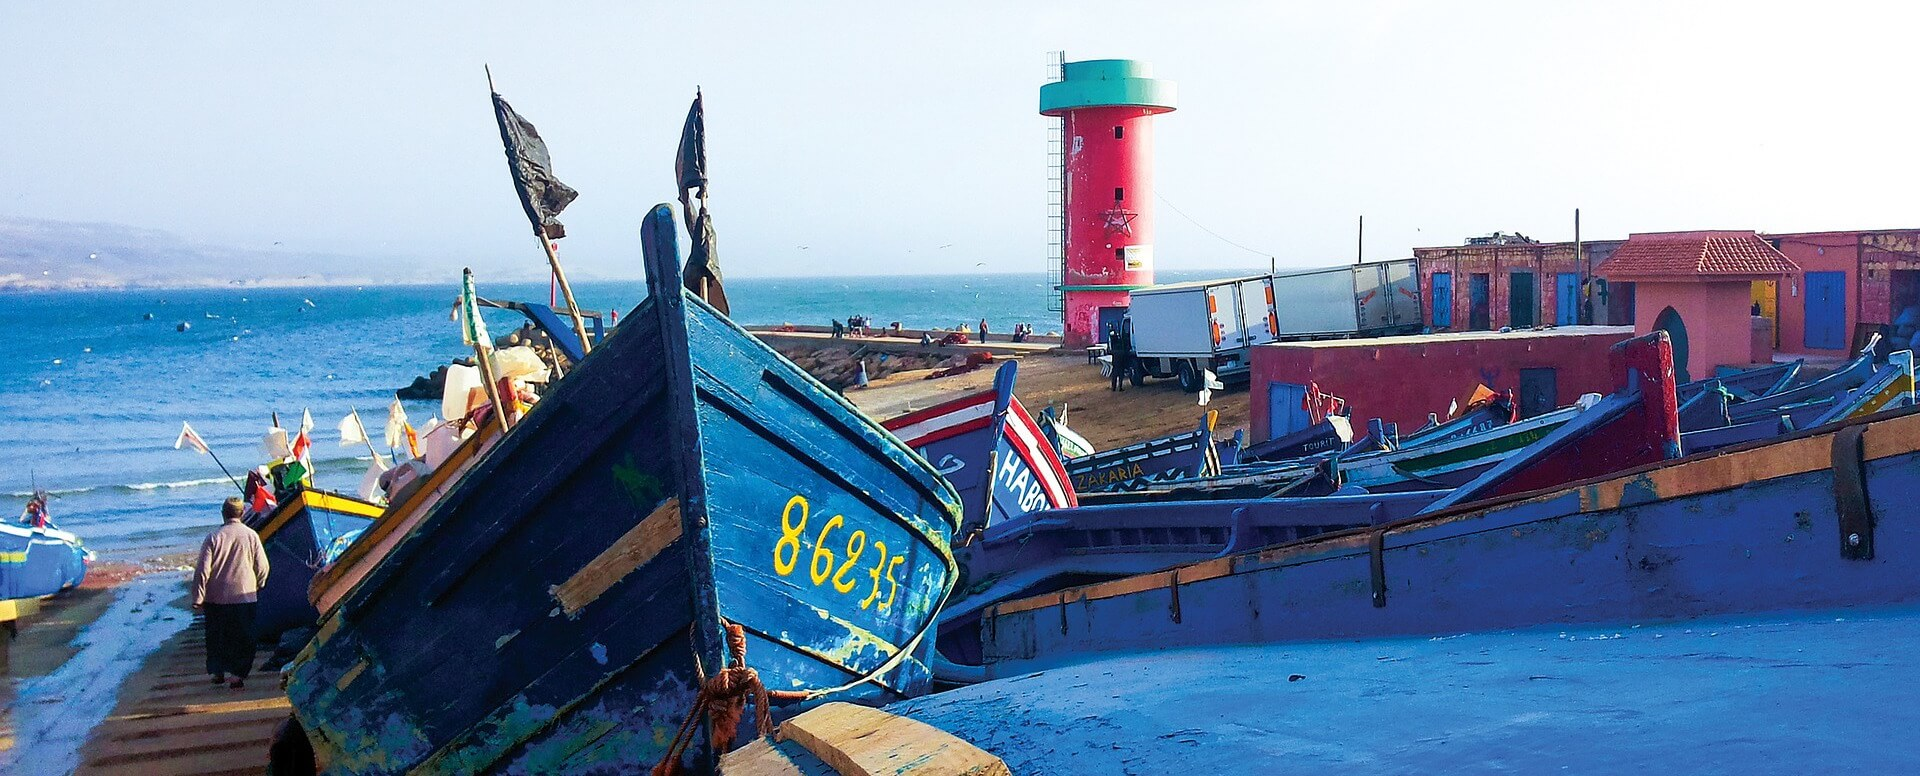 A boat tour - Essaouira